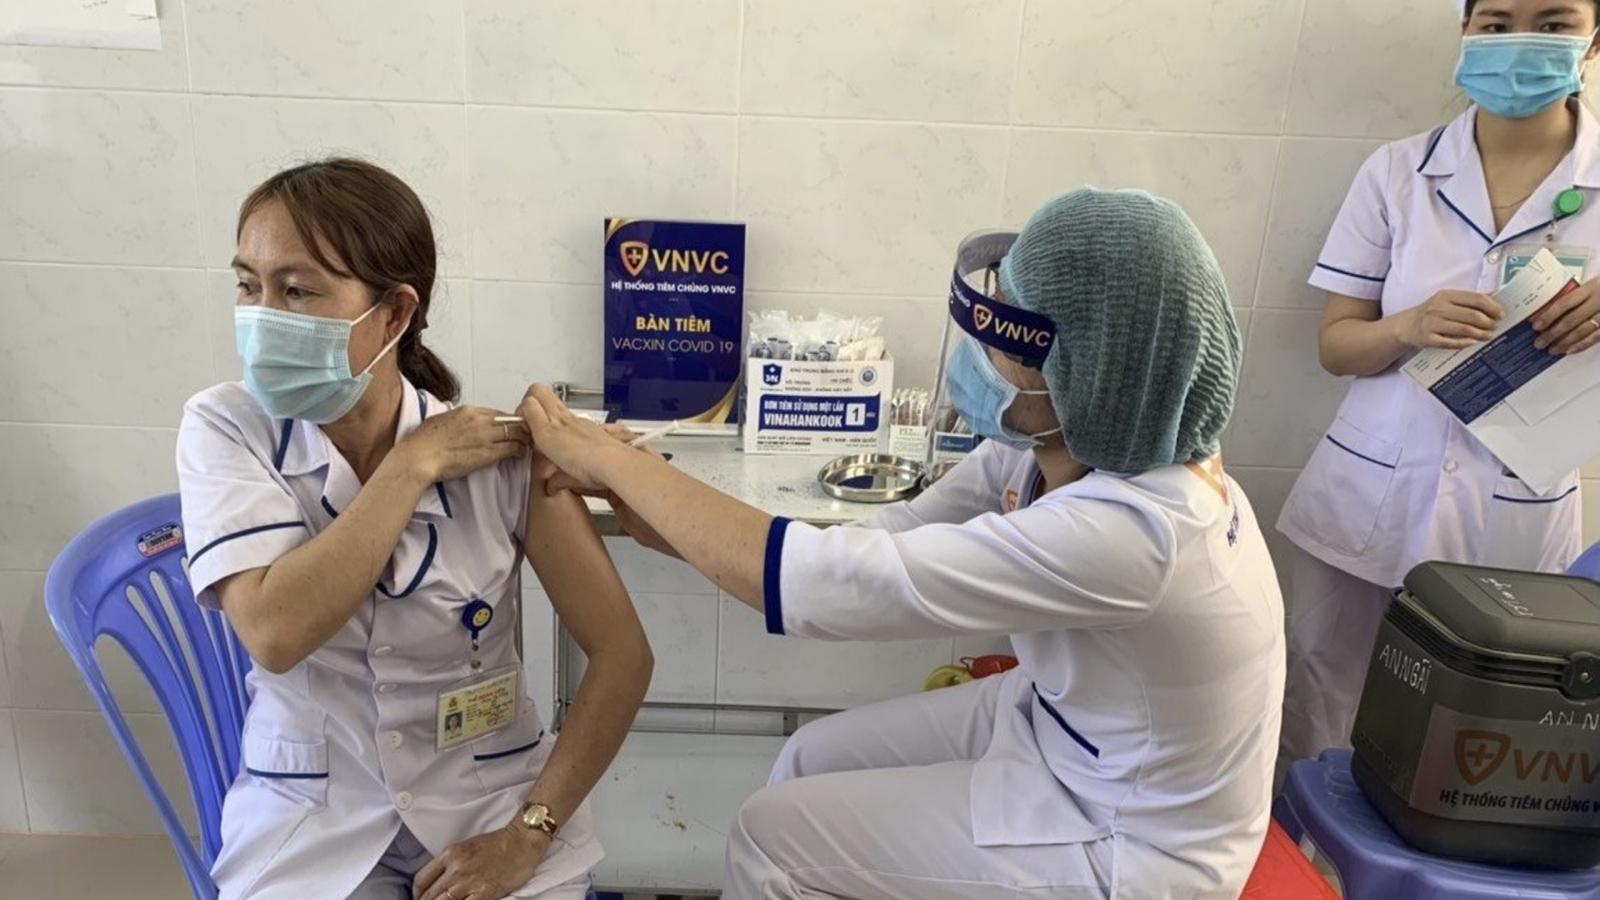 Bà Rịa-Vũng Tàu bắt đầu tiêm vaccine phòng Covid-19 cho nhân viên y tế tuyến đầu